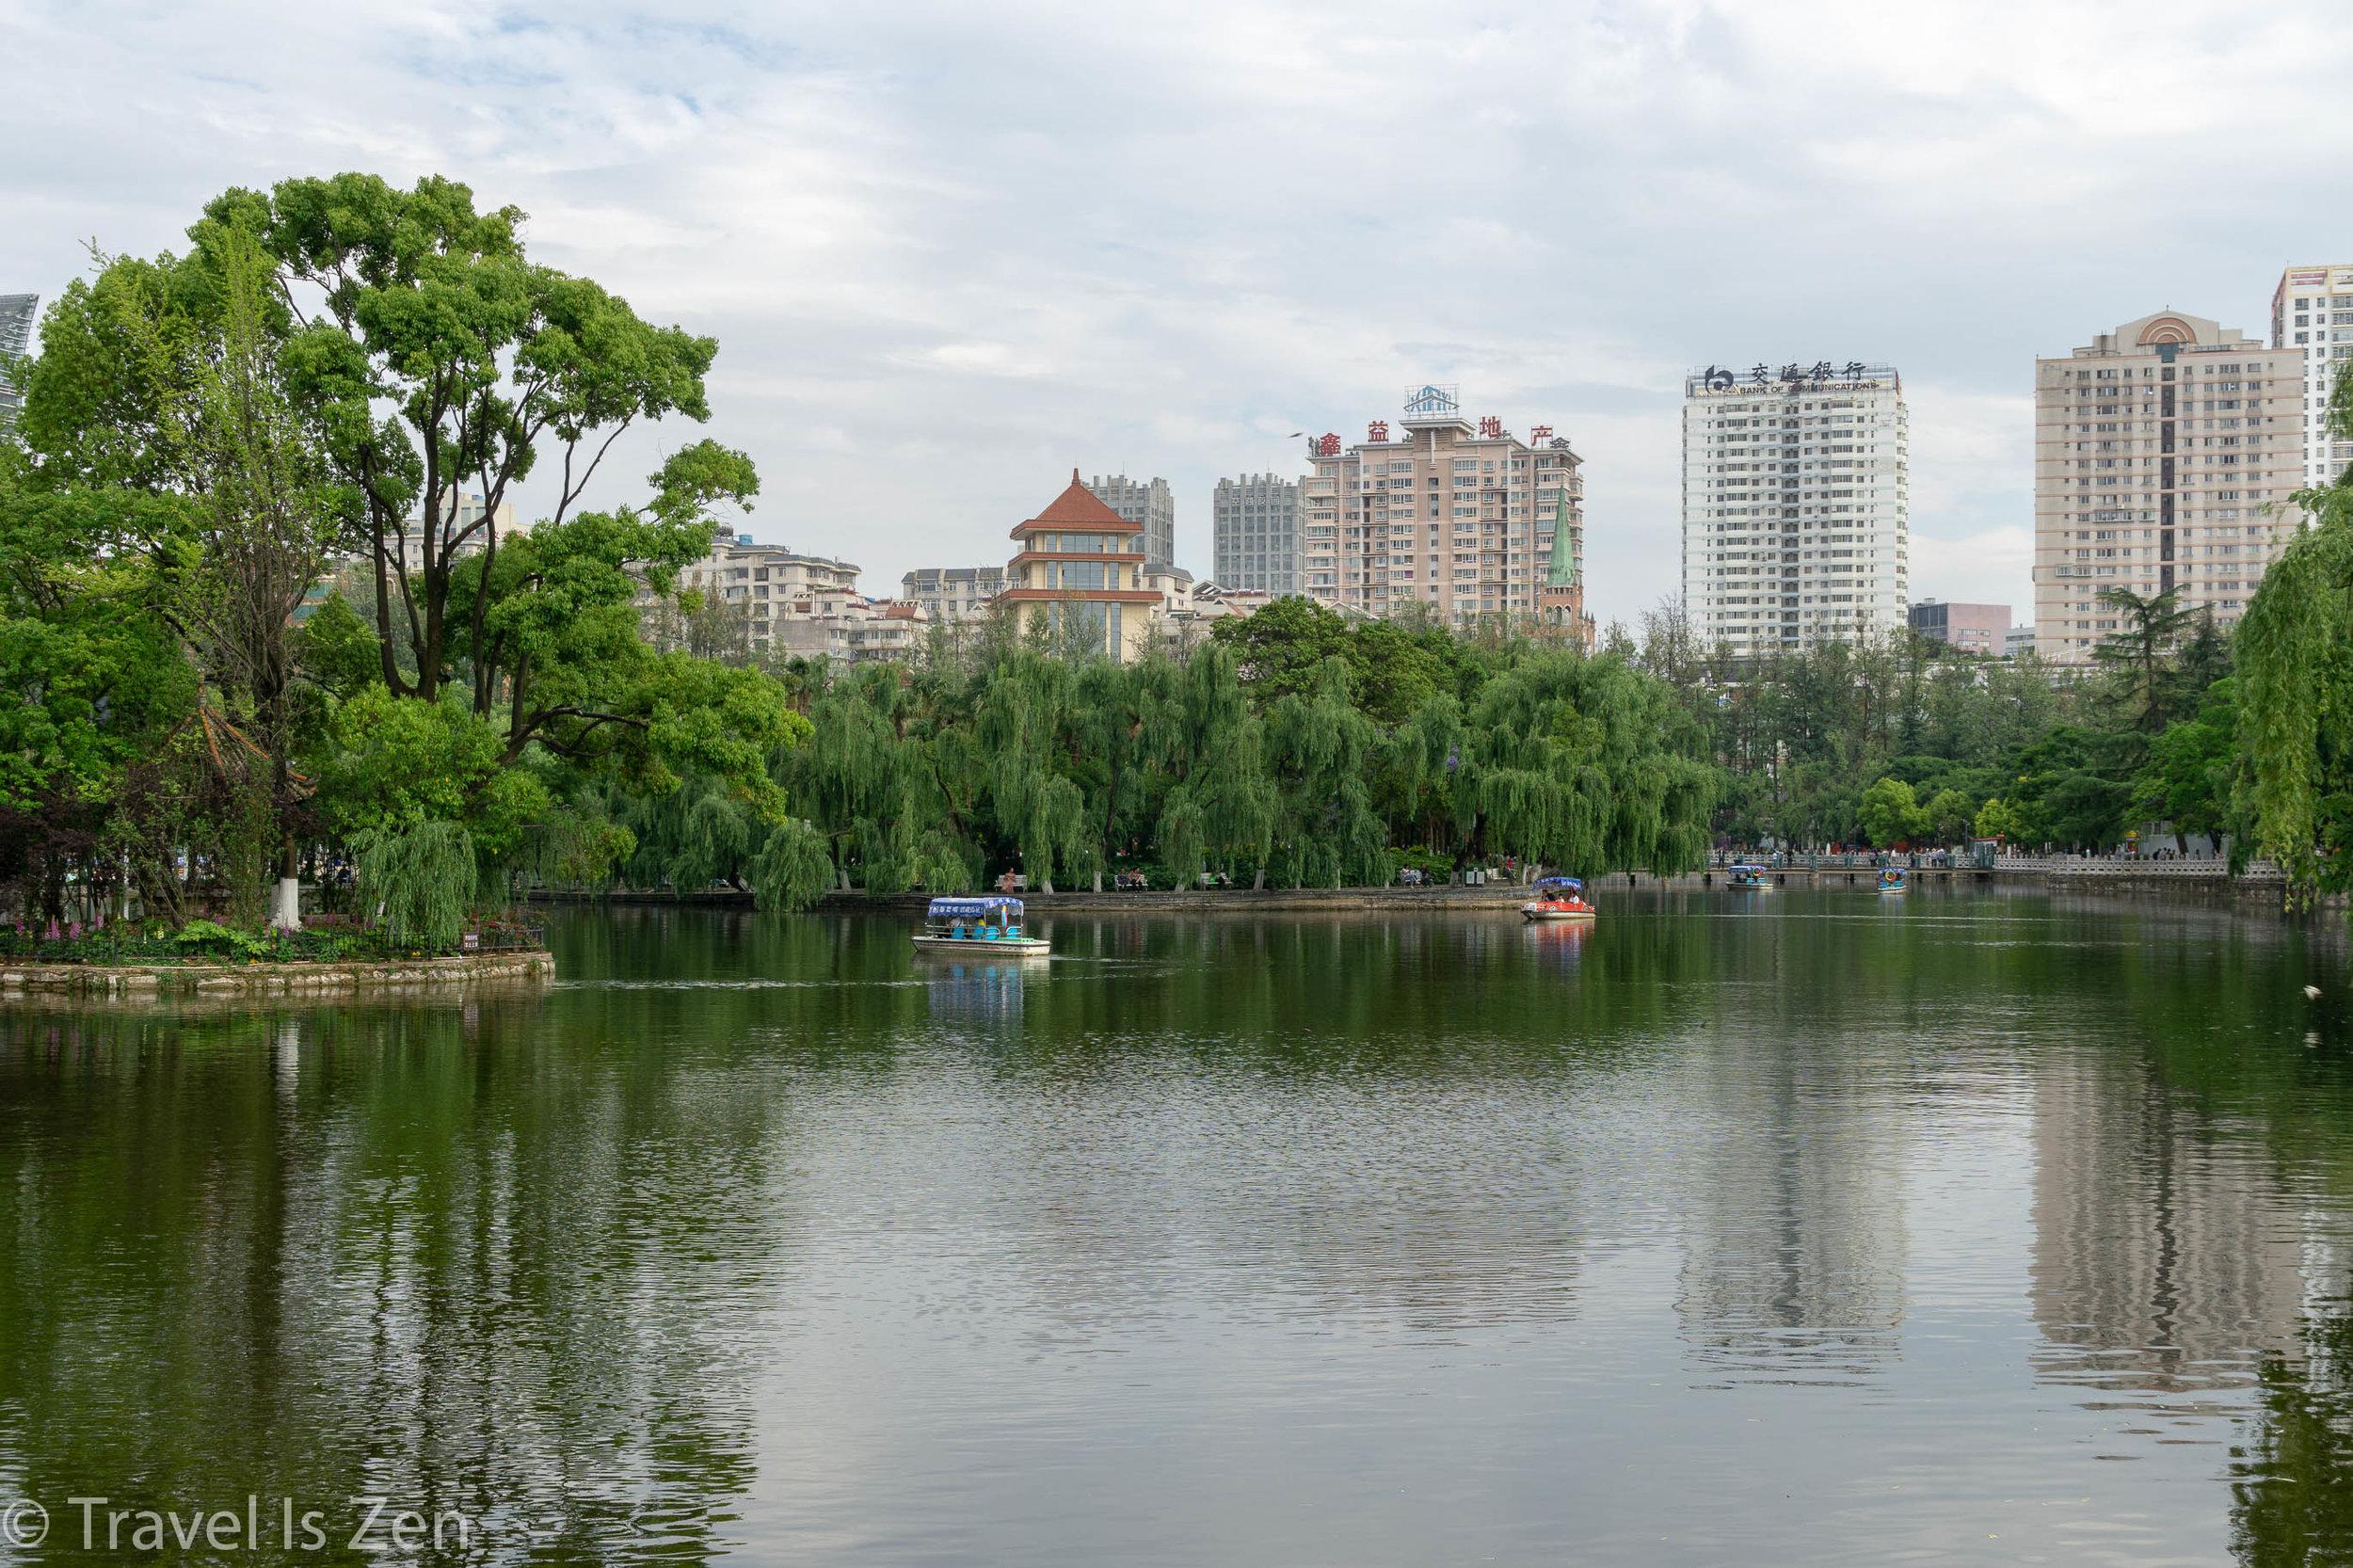 Green Lake (Cuihu) Park, Kunming